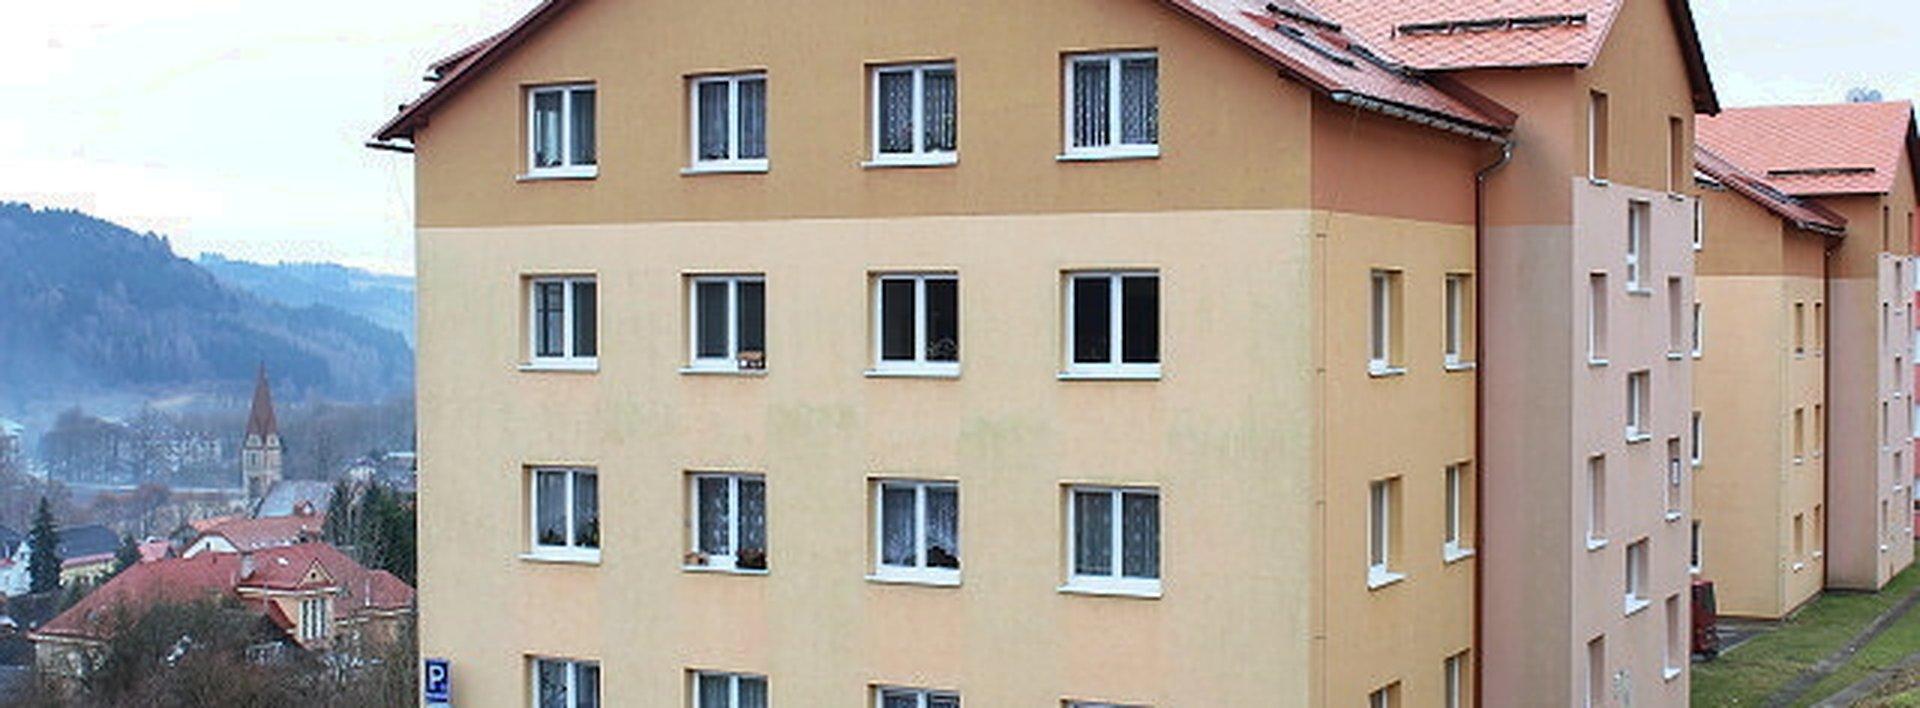 Prodej bytu 2+1 v DV, 67 m2, Velké Hamry., Ev.č.: N46577